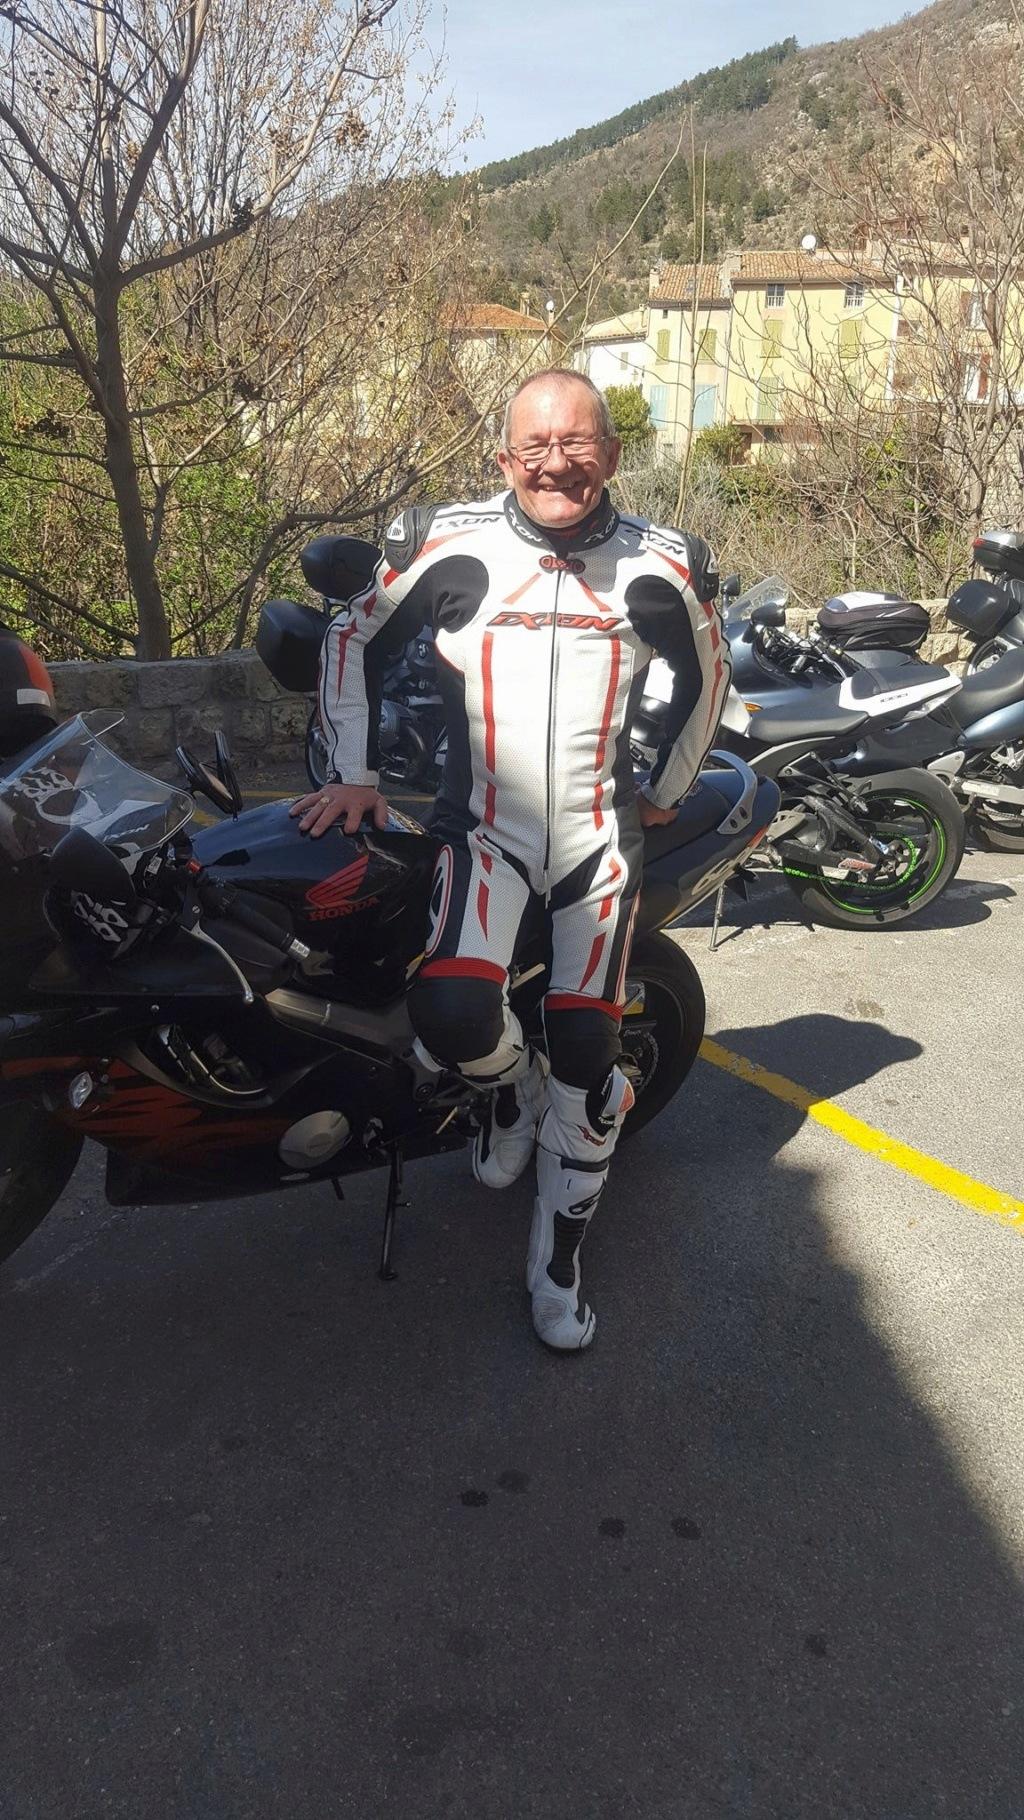 [SONDAGE] AIRBAG à moto, êtes vous équipés? - Page 3 29665410